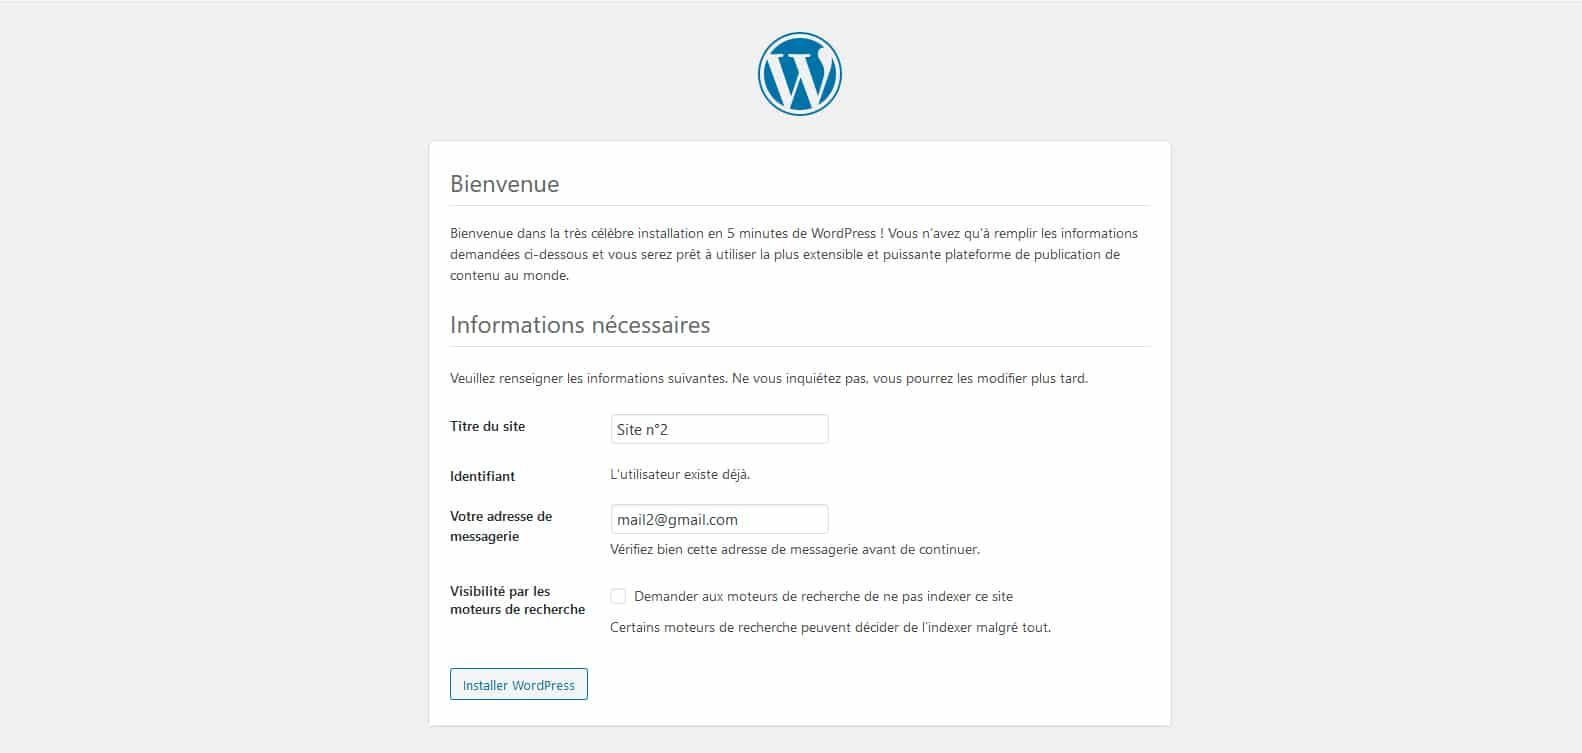 Le partage utilisateurs modifie l'installation WordPress